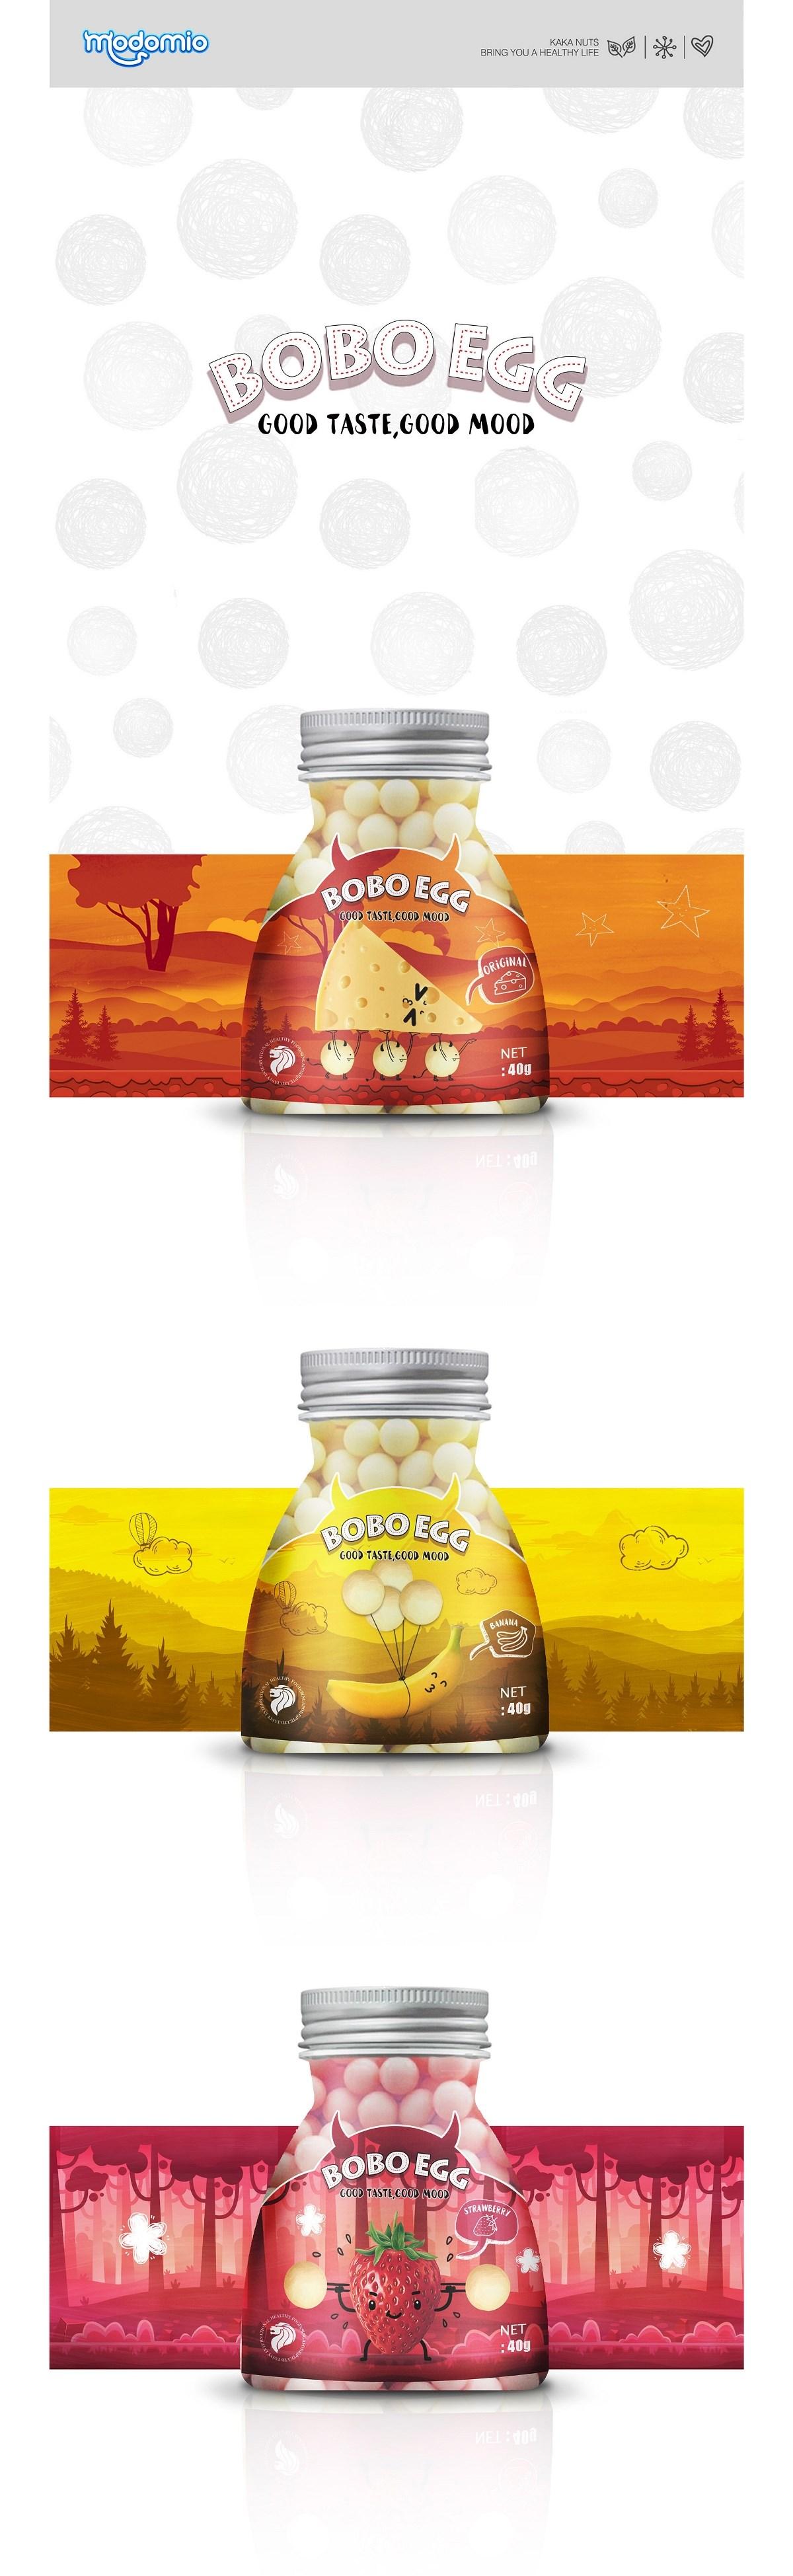 食品包装 - 新加坡鸡蛋仔 - BOBO EGG